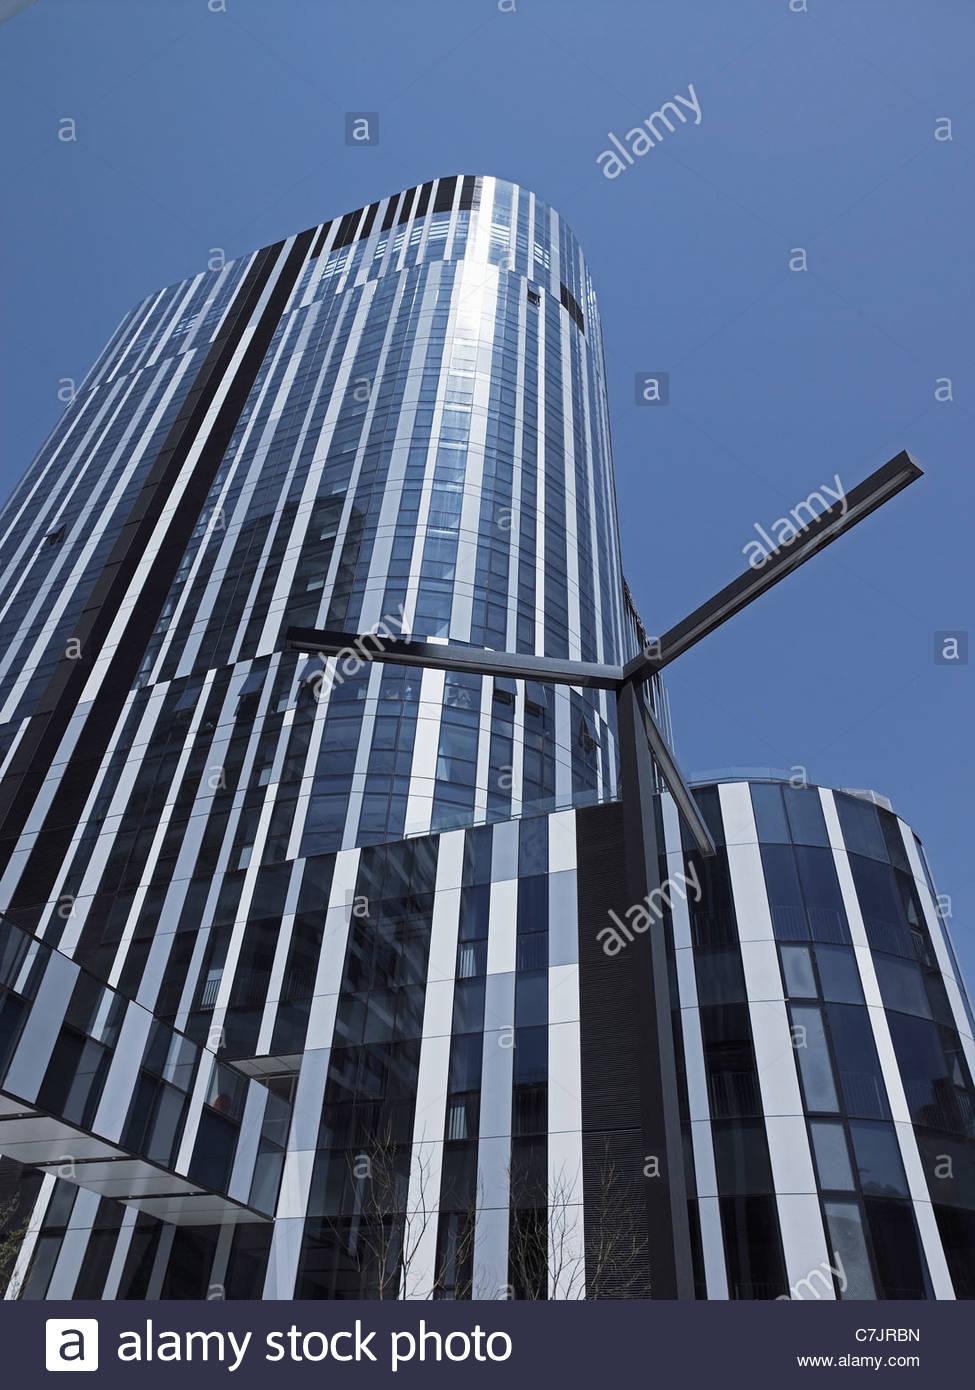 E moderno grattacielo contro il cielo blu Immagini Stock